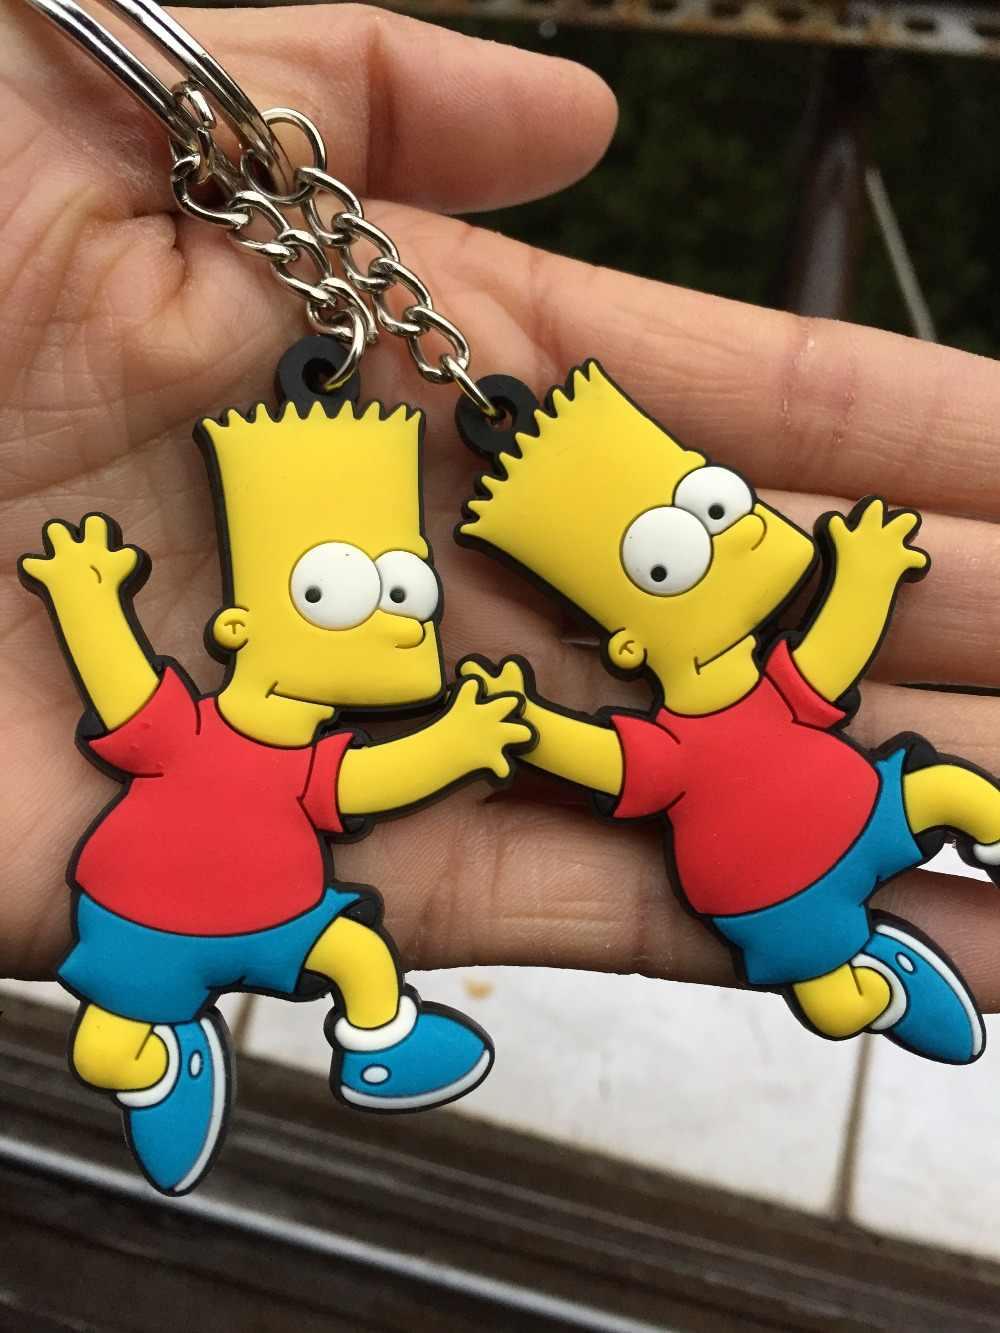 30 cái/lốc pvc The Simpsons keychain llaveros para mujer móc chìa khóa porte khóa của âm nhạc vòng chìa khóa thẻ vỉ quà tặng cho trẻ em túi quyến rũ người đàn ông